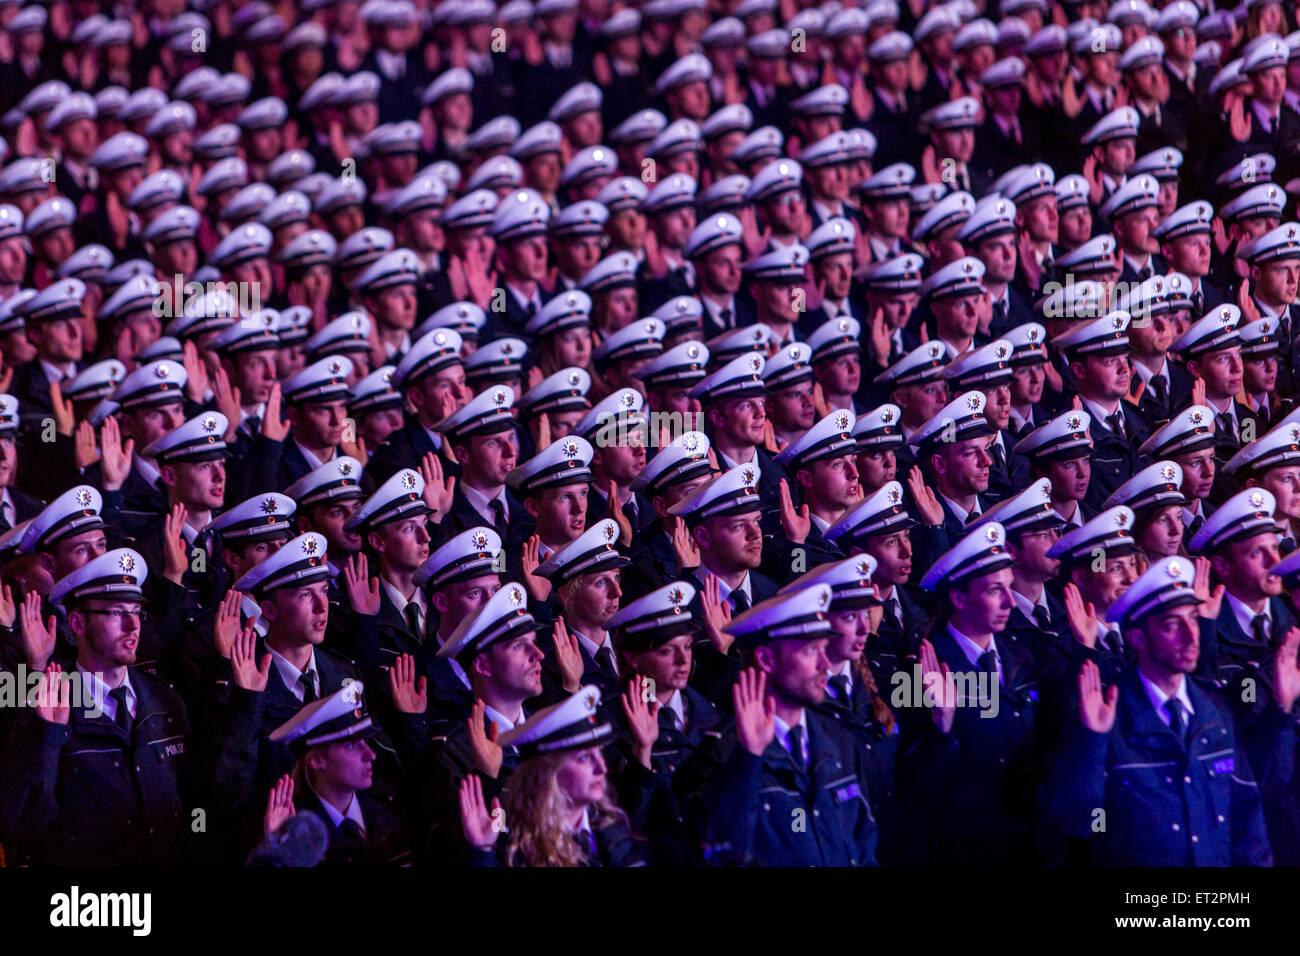 Prestazione di giuramento di 1500 nuovi funzionari di polizia in a Dortmund, oltre 6000 i familiari e gli amici Immagini Stock